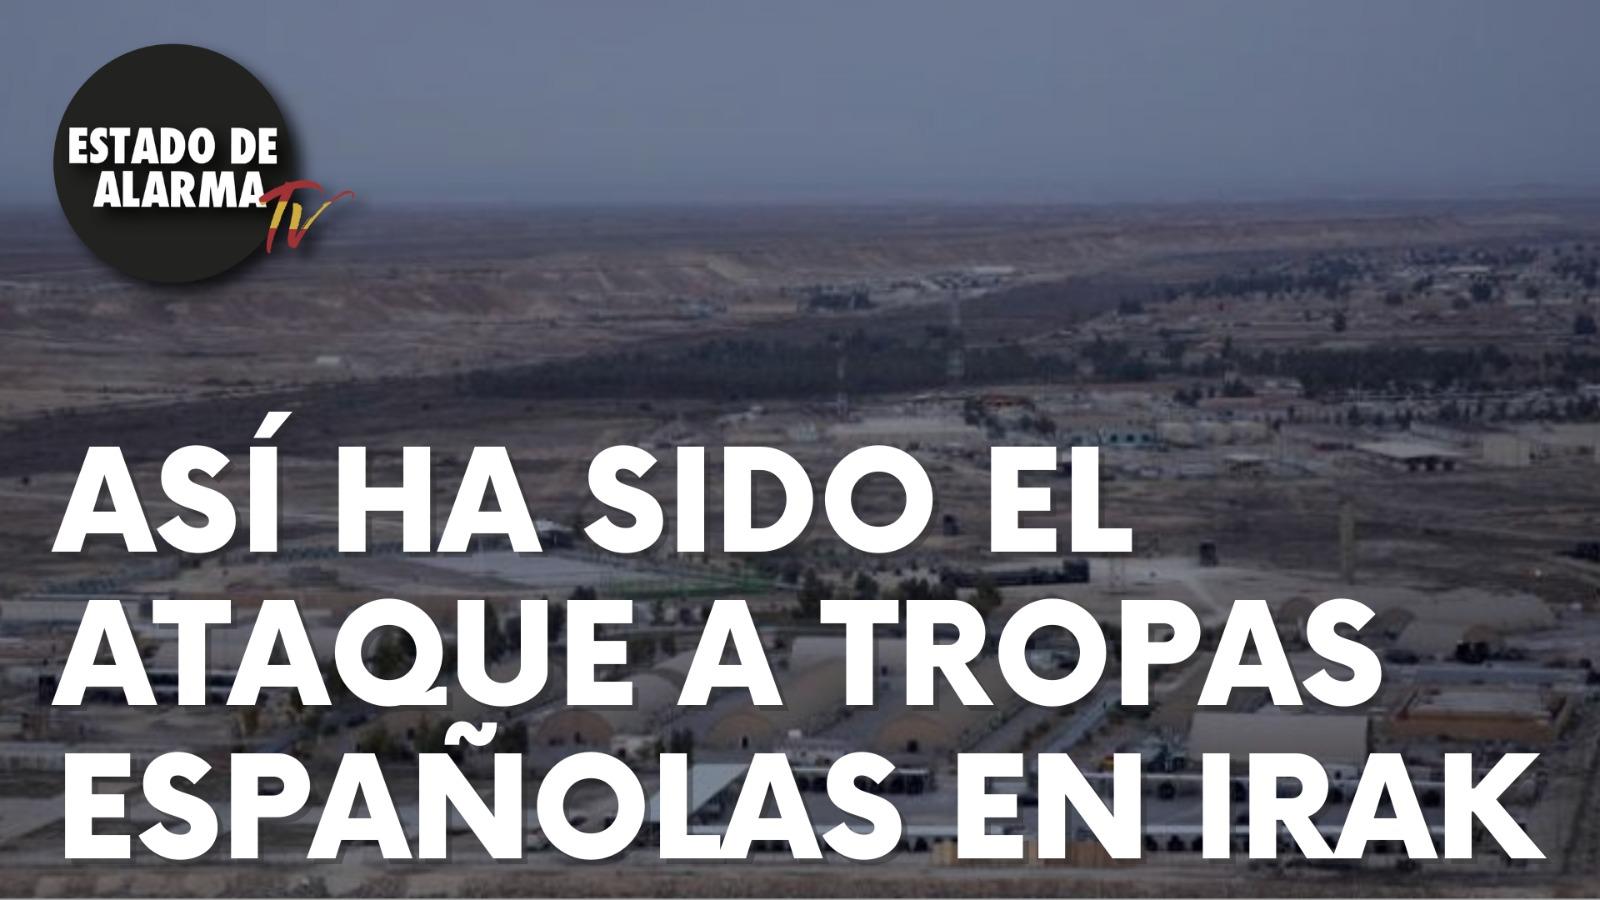 Así ha sido el ATAQUE sobre TROPAS ESPAÑOLAS en IRAK